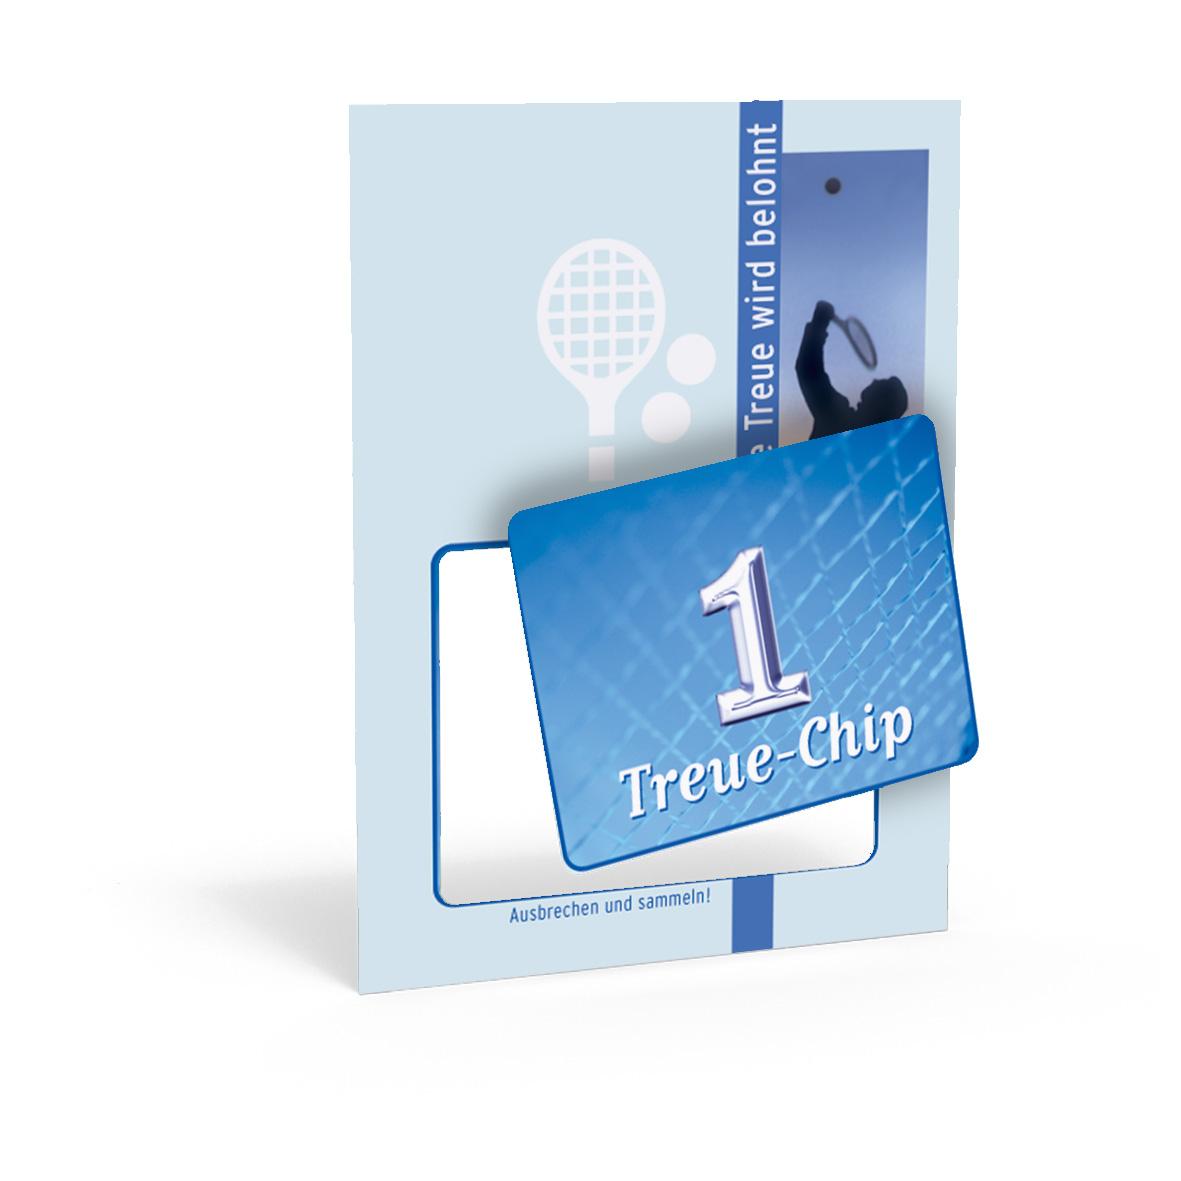 Pythagoras Marketing Gmbh Treue Chip Tennis Geschenkgutscheine Visitenkarten Kundenkarten Und Weitere Treuesysteme